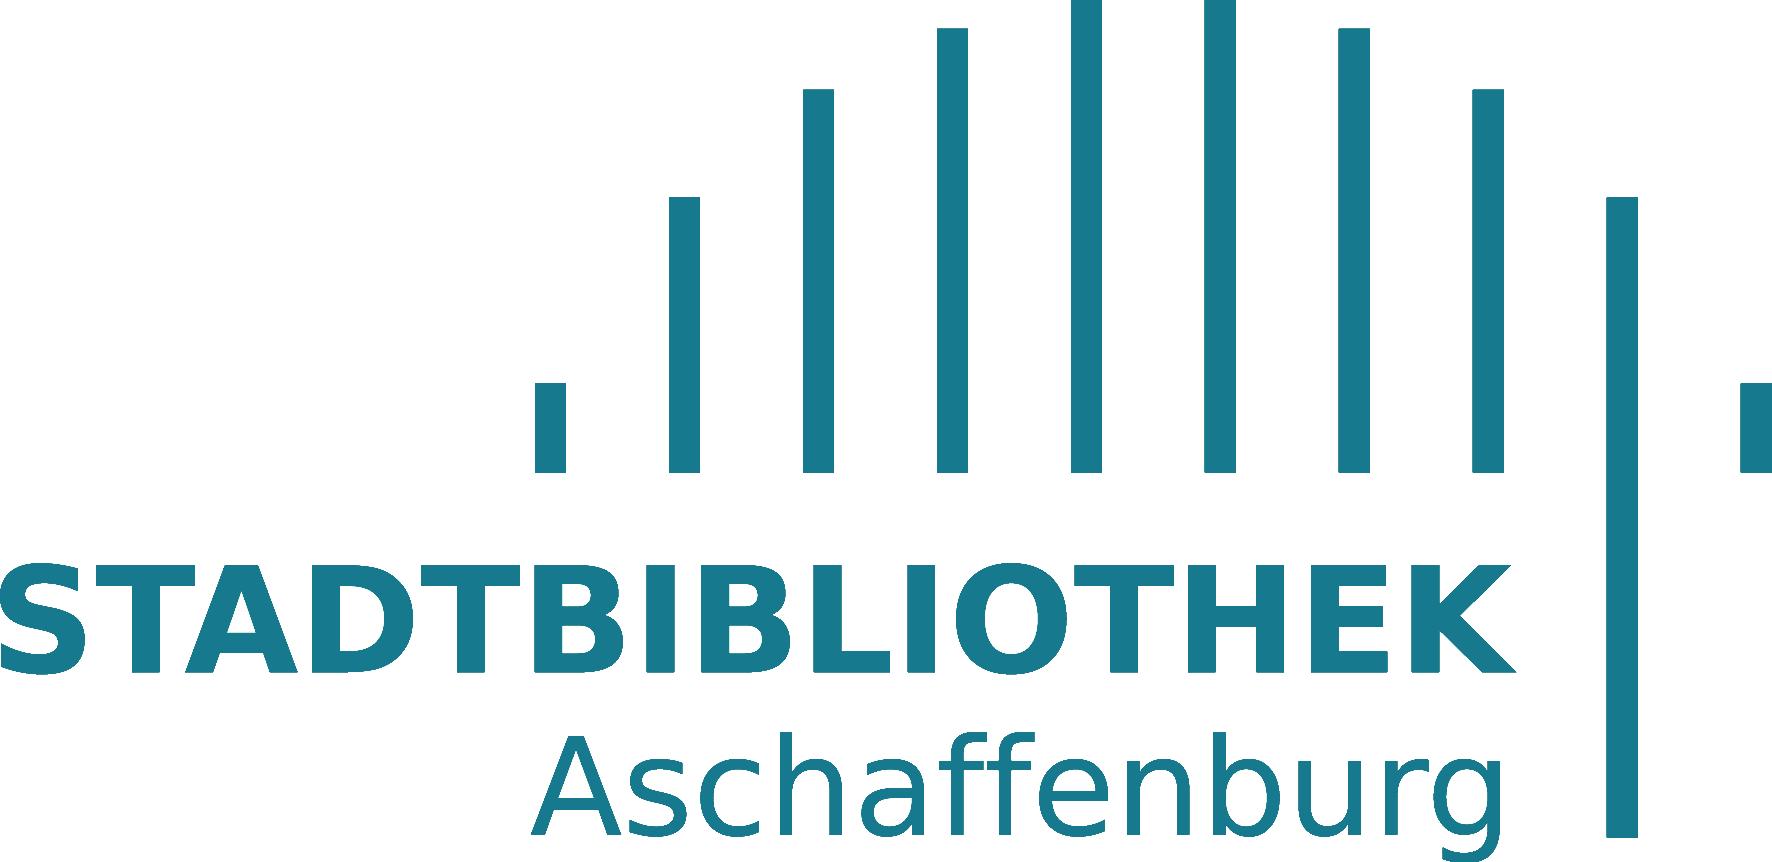 Logo mit dem Schriftzug Stadtbibliothek Aschaffenburg